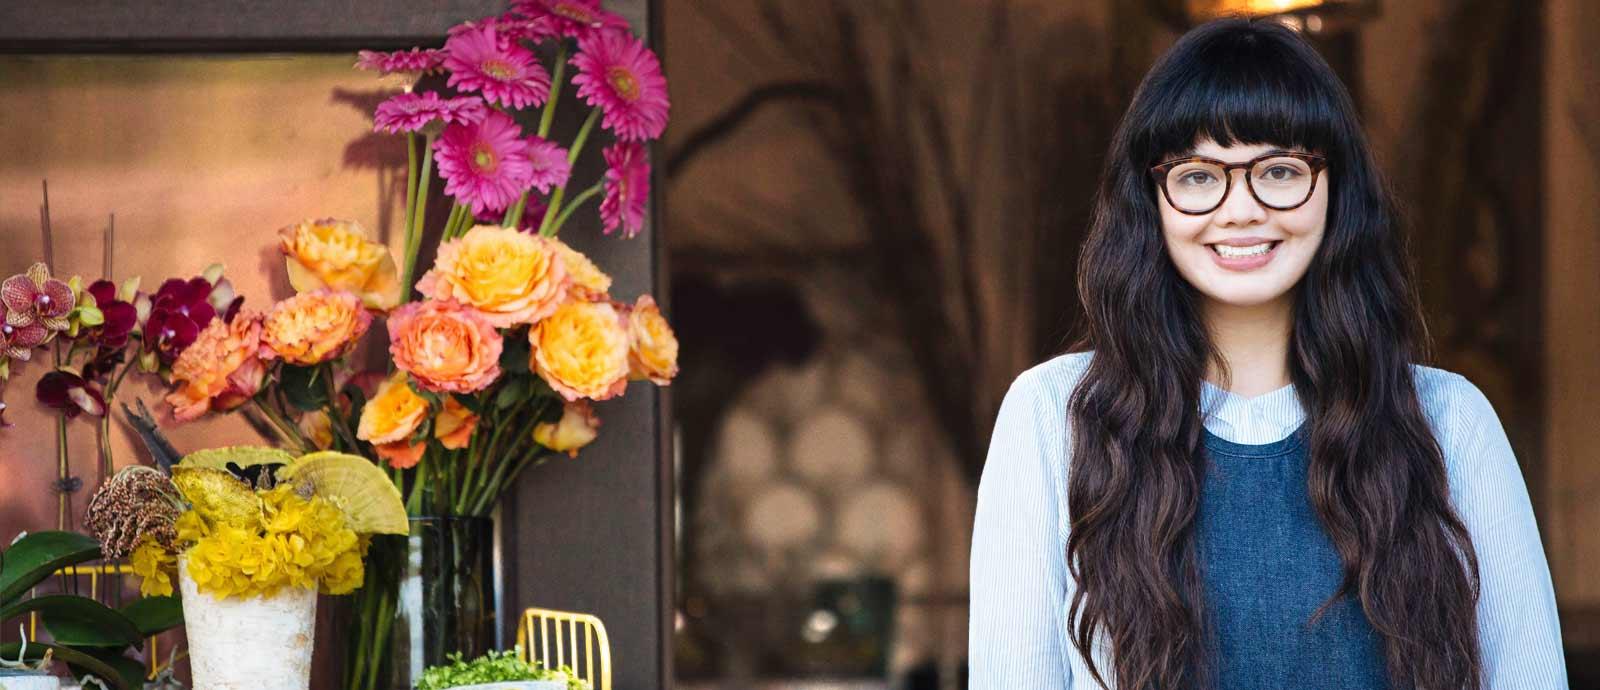 Szemüveges, mosolygós fiatal lány több csokor vágott virág mellett.